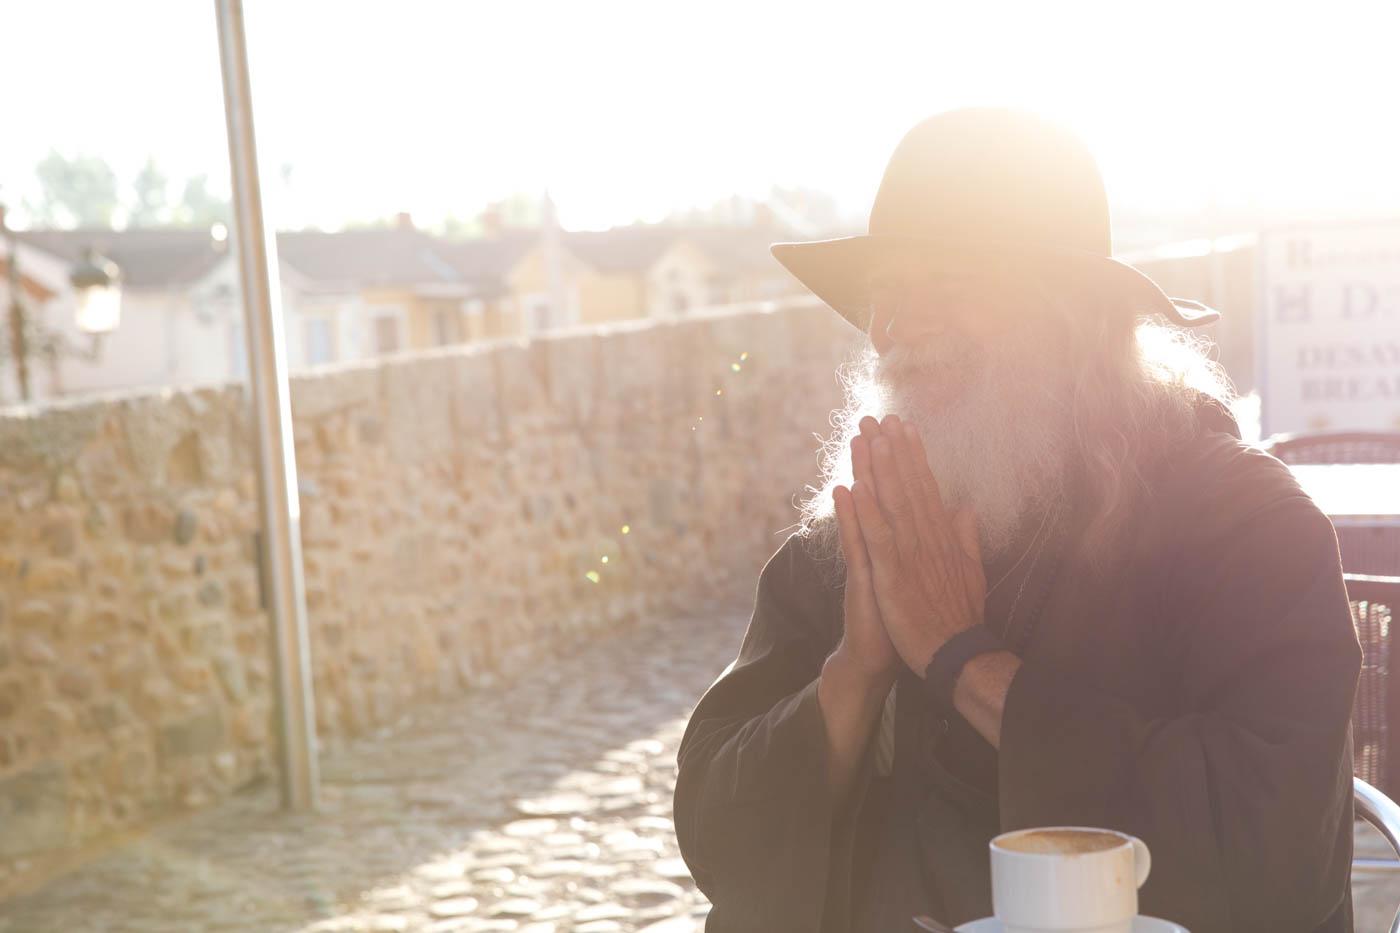 【サンティアゴ巡礼・フランス人の道】62日目:コーヒー好きのサンチアゴ ビリャバンテ 〜 アストルガ 24km